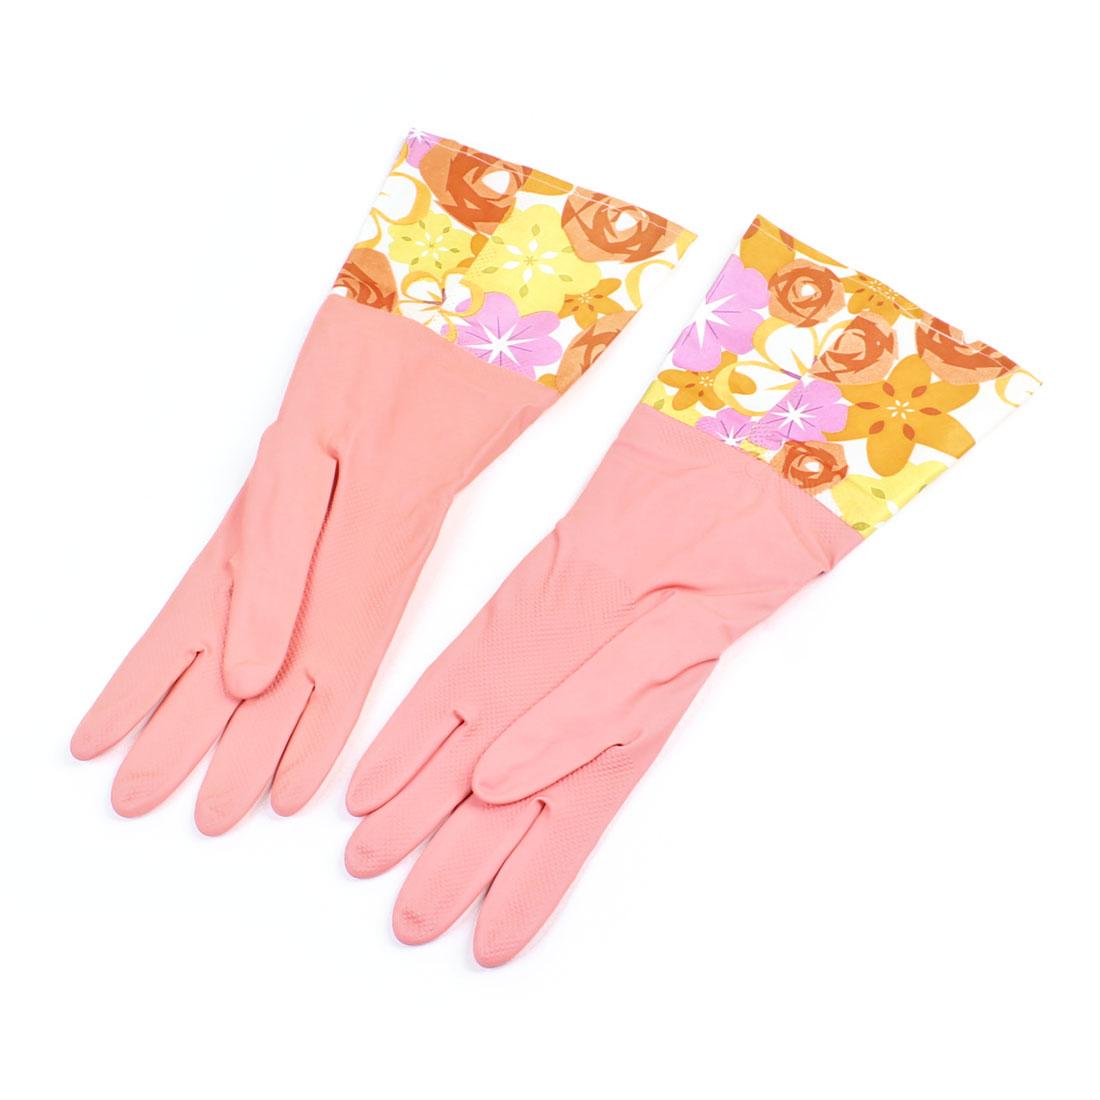 Female Light Pink Dishwashing Latex Long Warm Washing Cleaning Gloves Pair